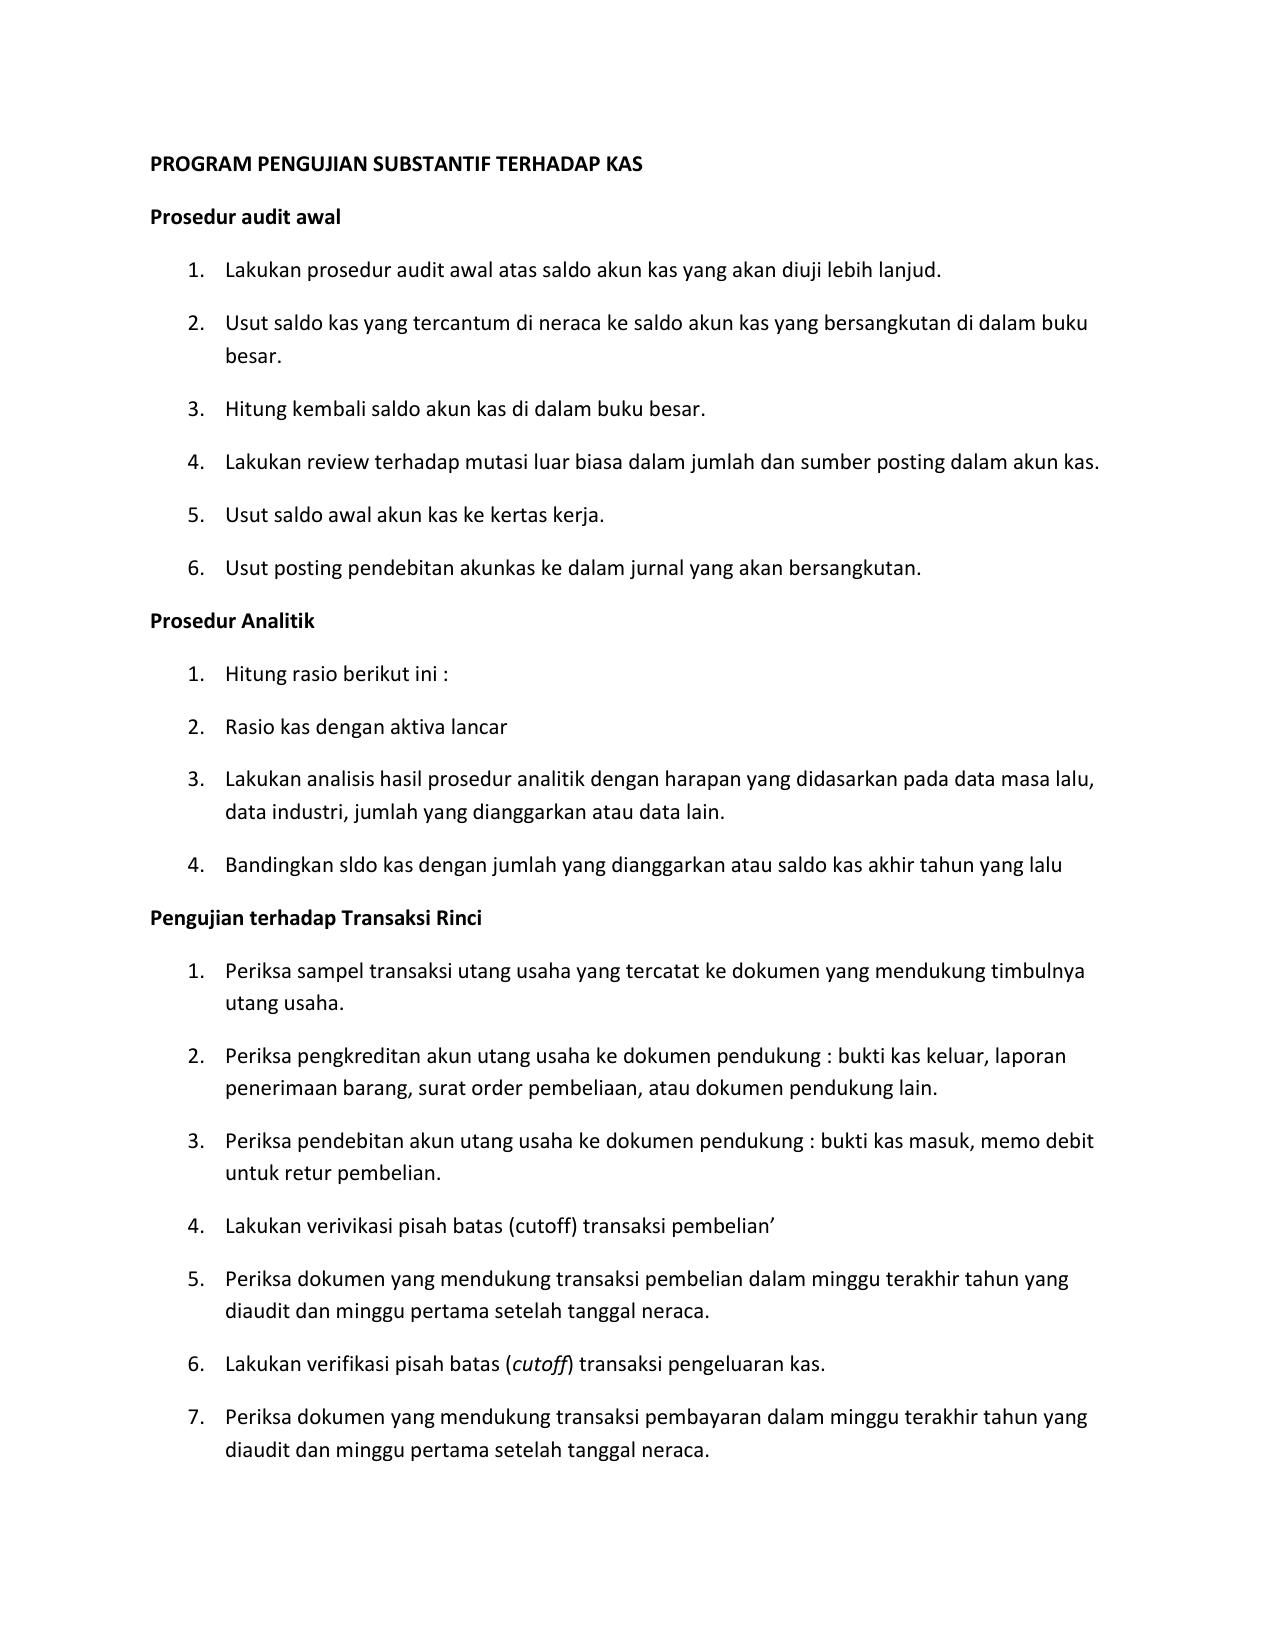 Tugas Program Audit